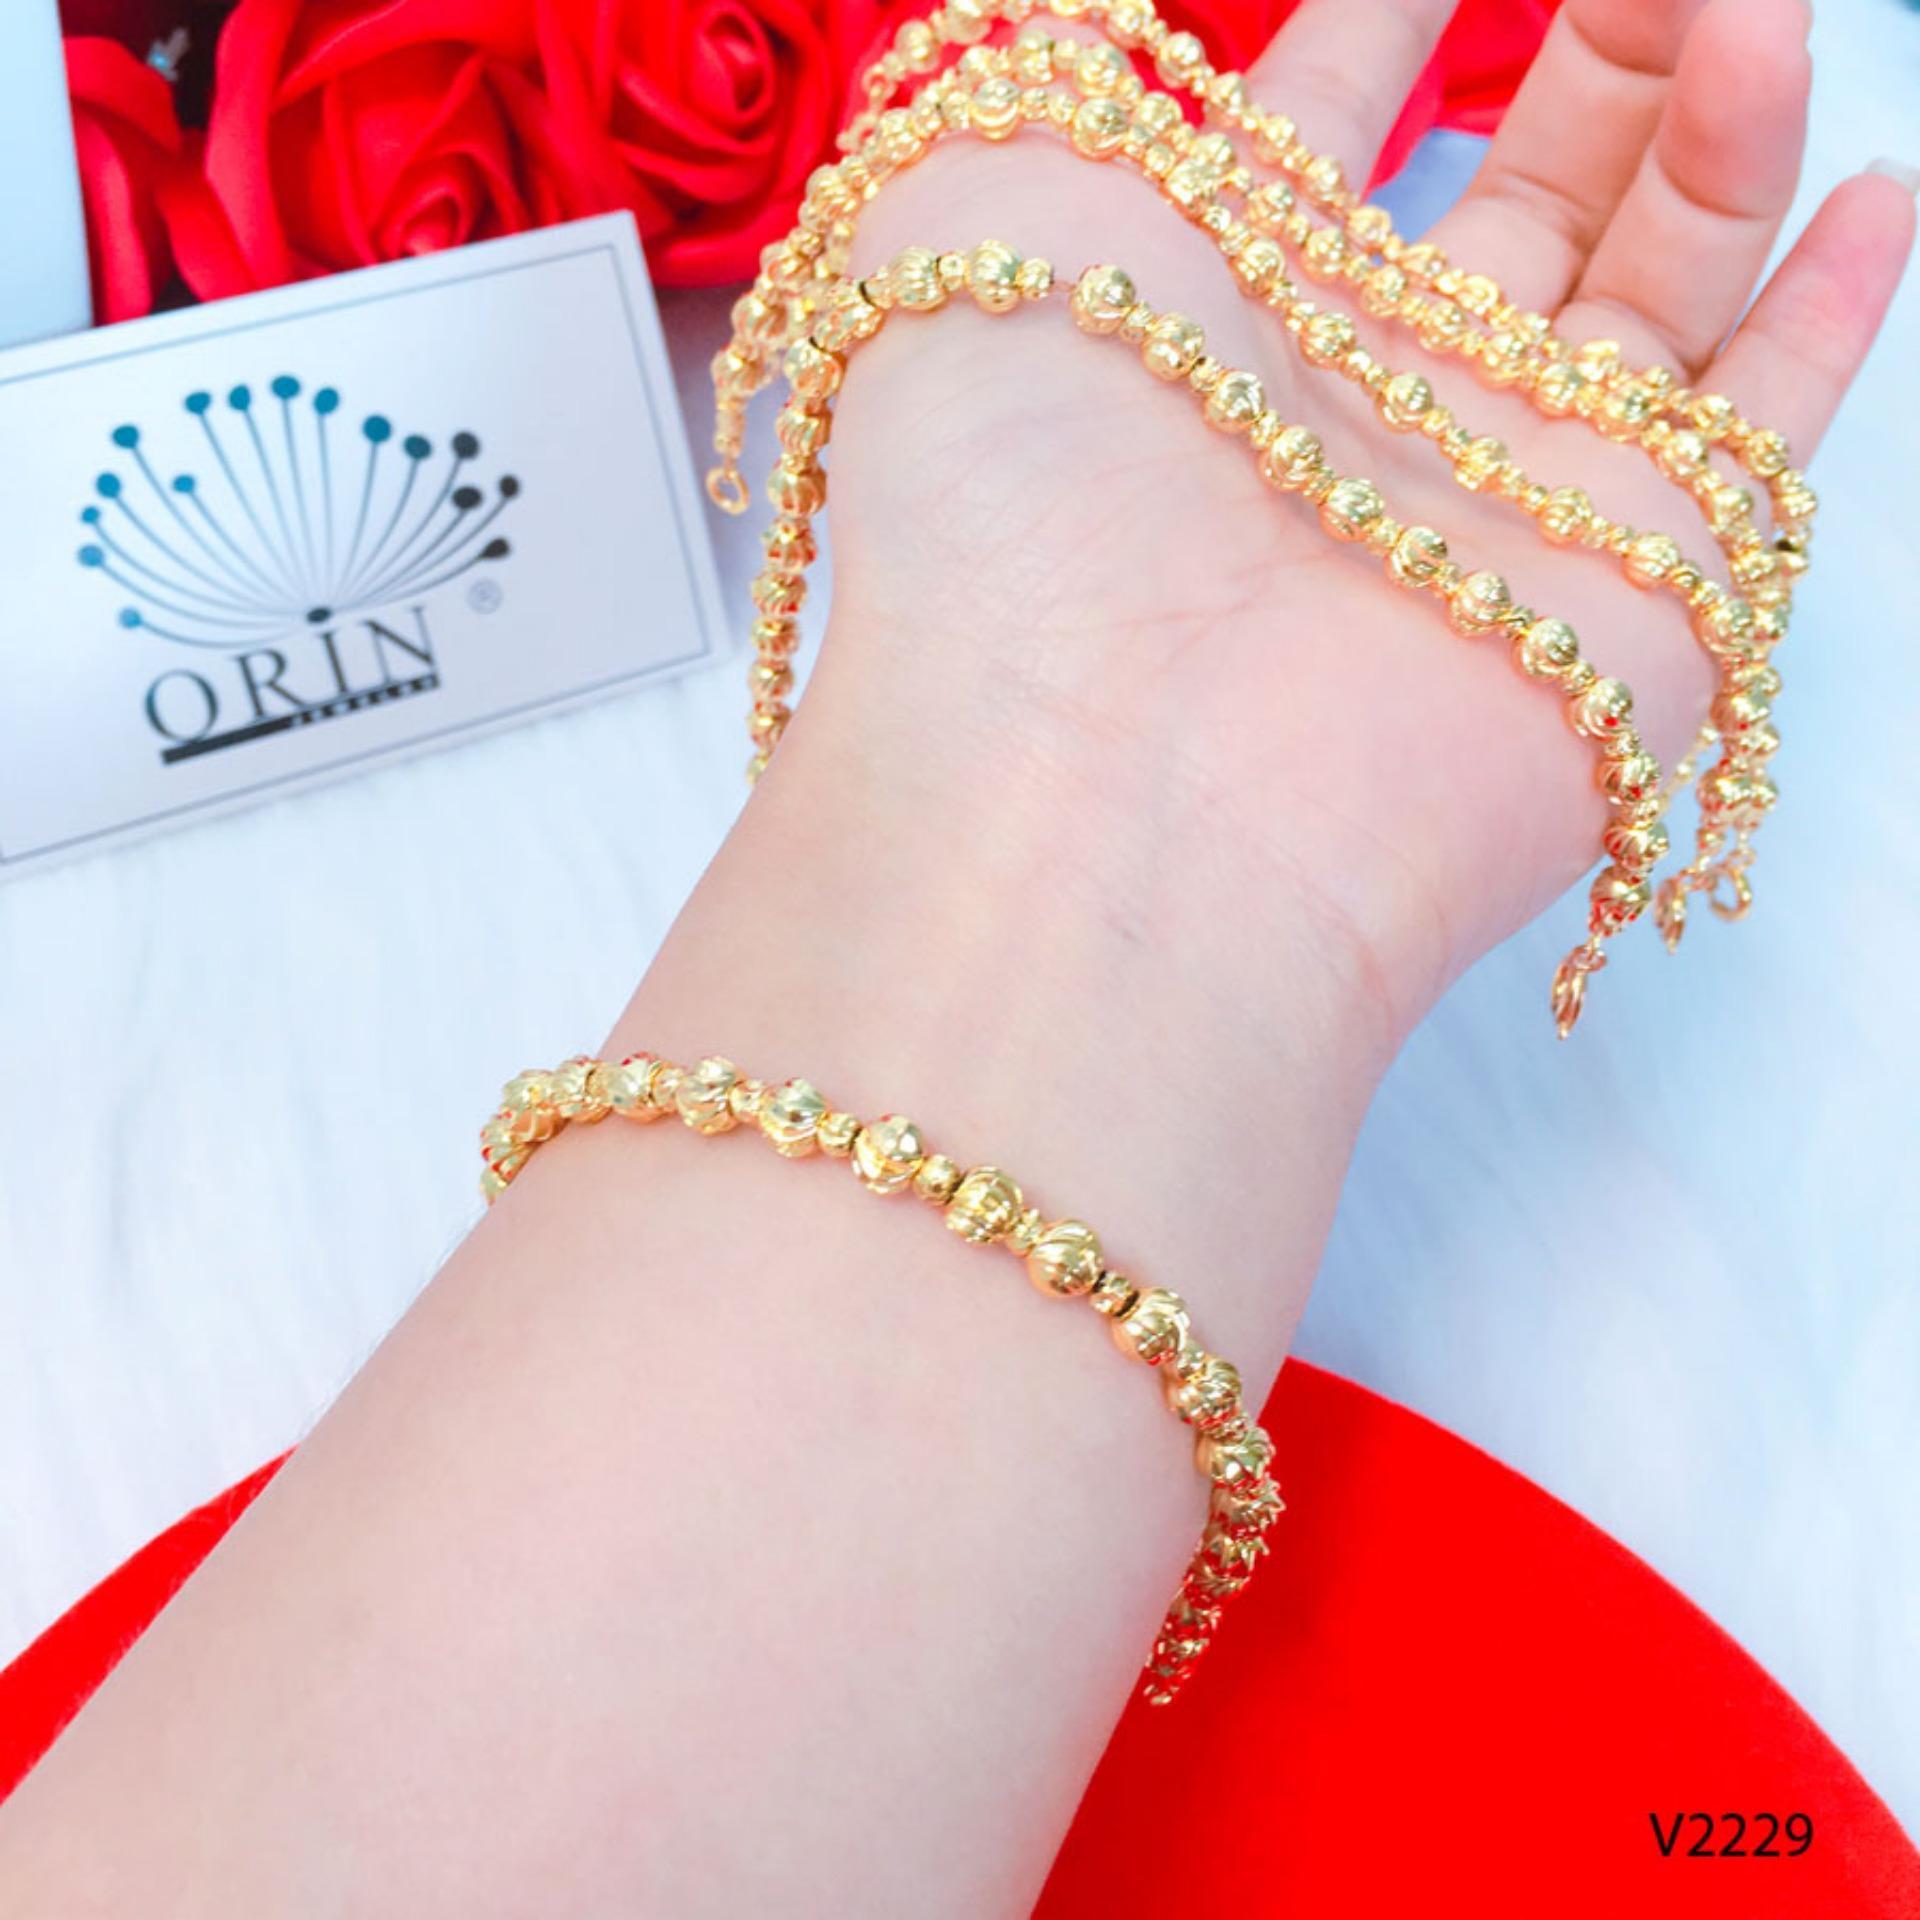 Vòng tay lắc tay bi màu vàng hột to nhỏ bền màu thiết kế cao cấp Orin V2229 Chất liệu Hợp kim mạ cao cấp